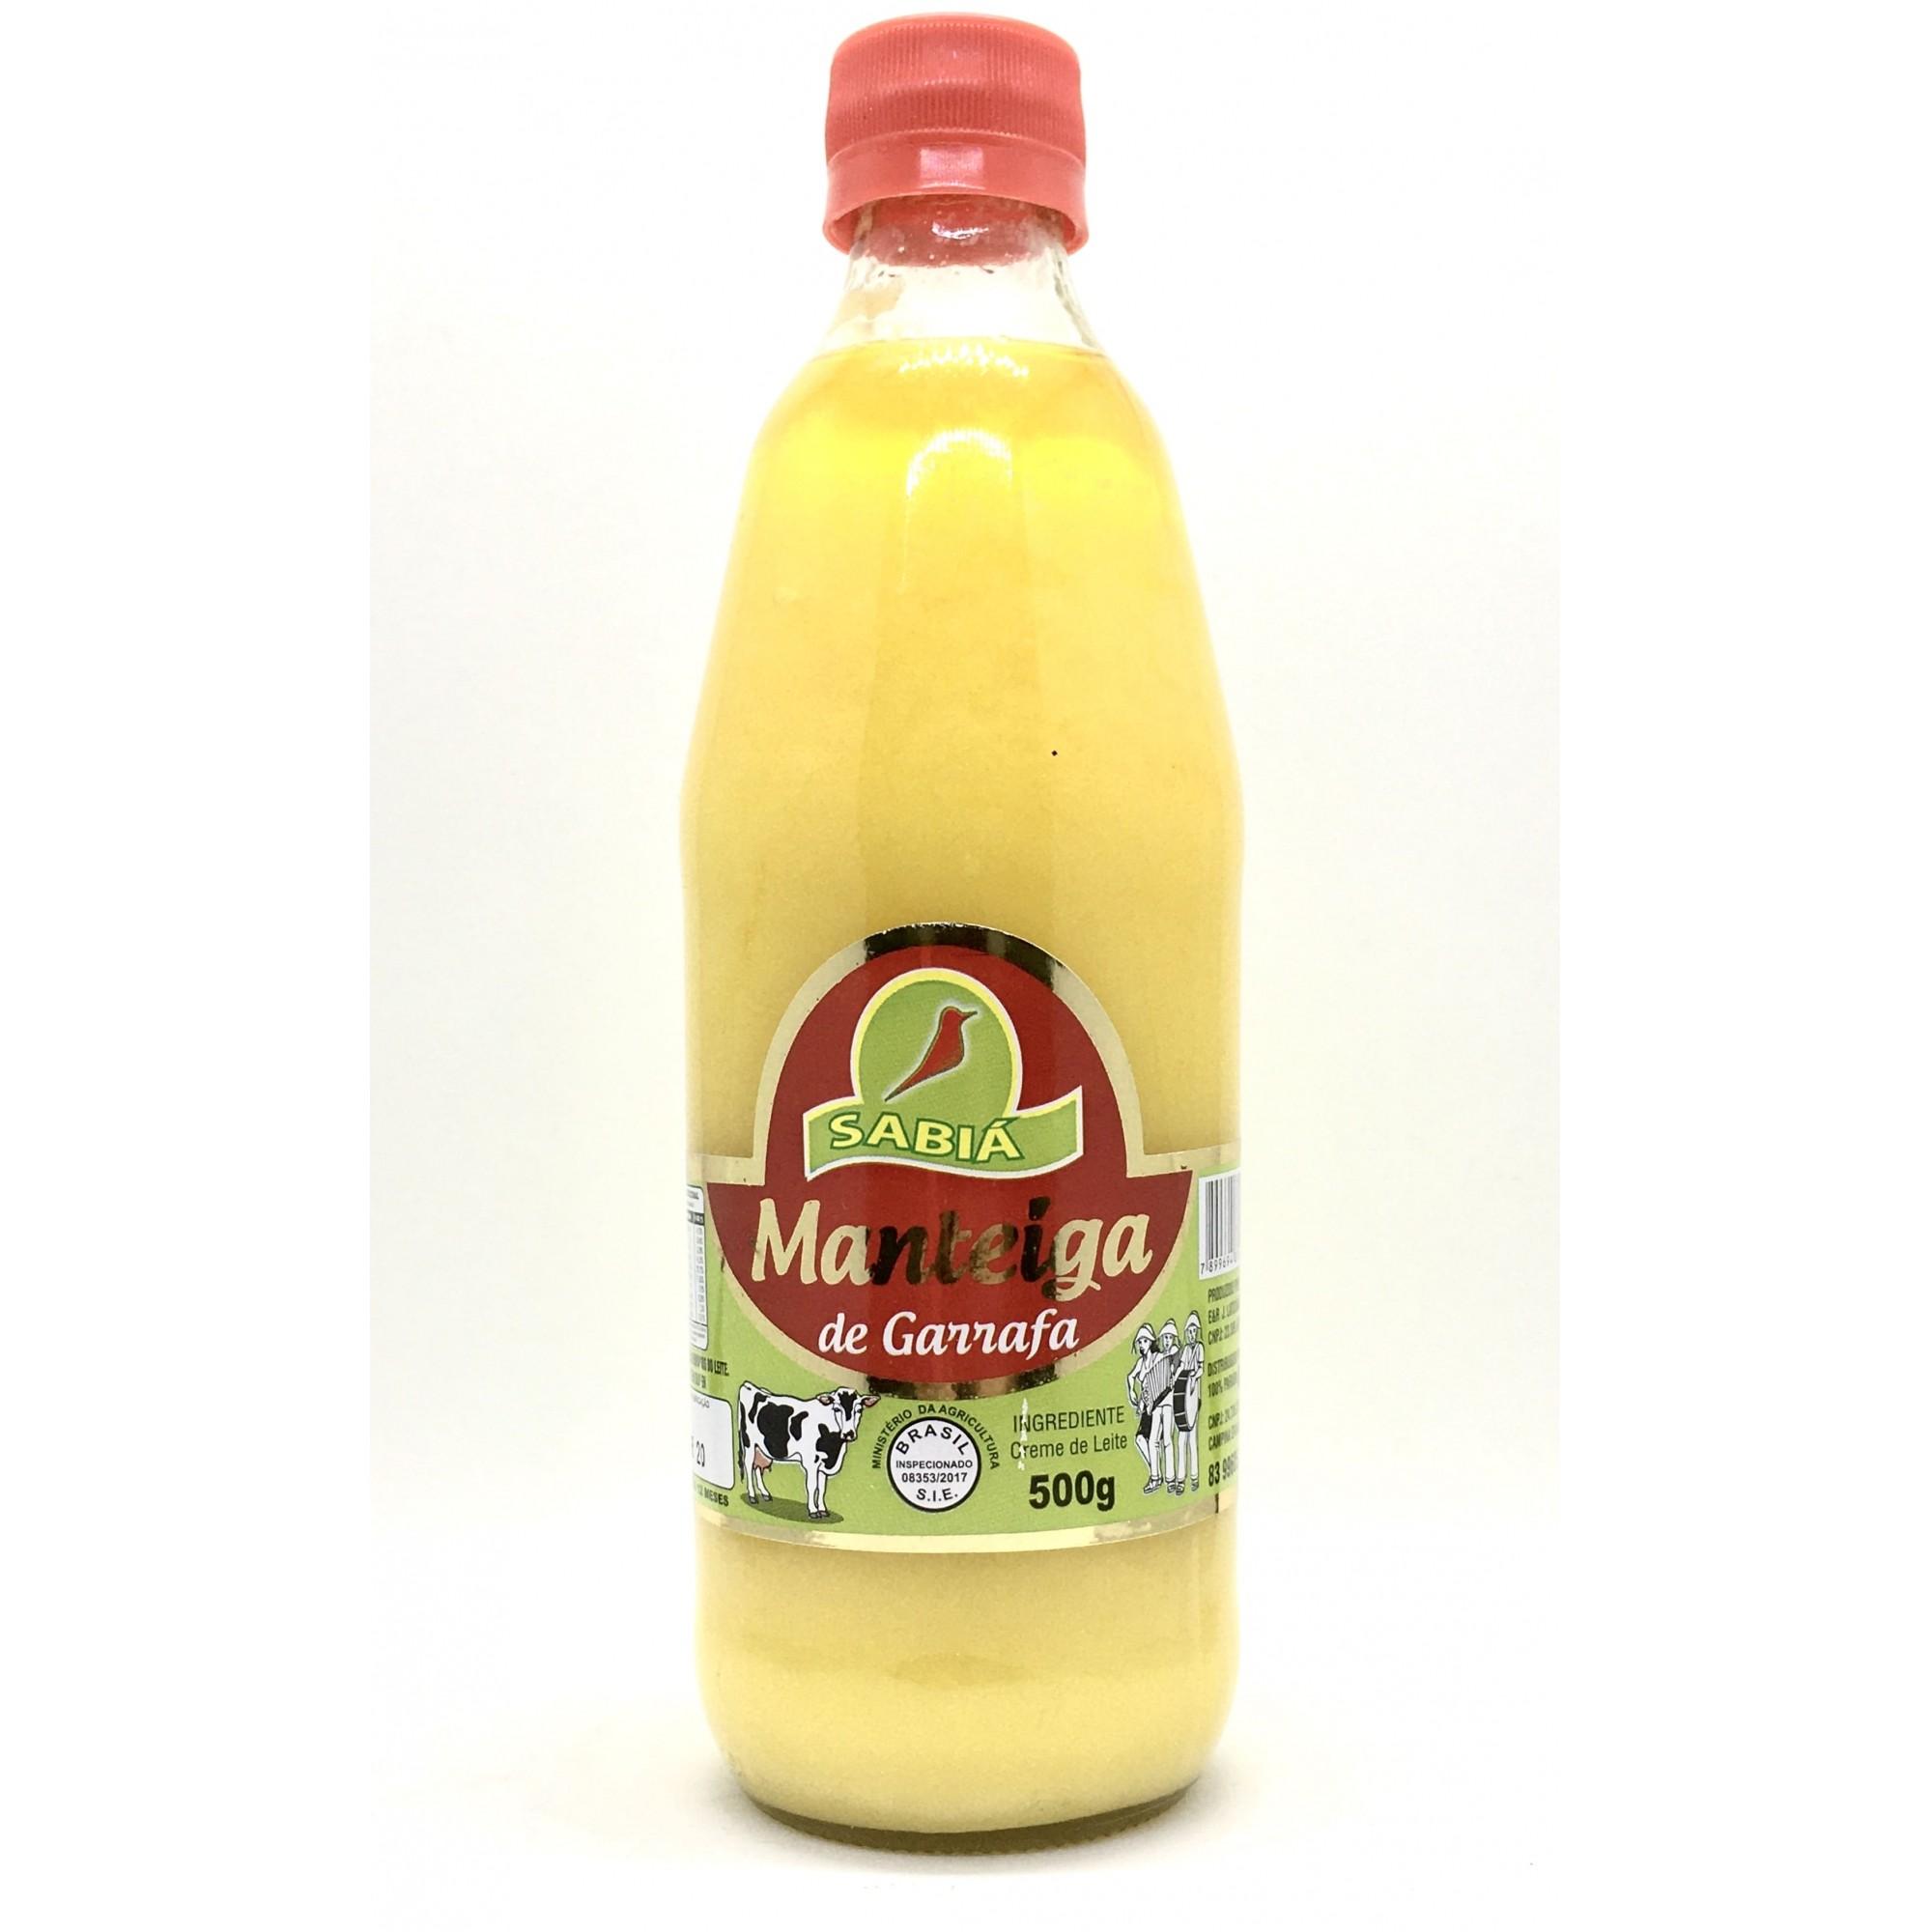 Manteiga de Garrafa Sabiá  - Casa do Mel